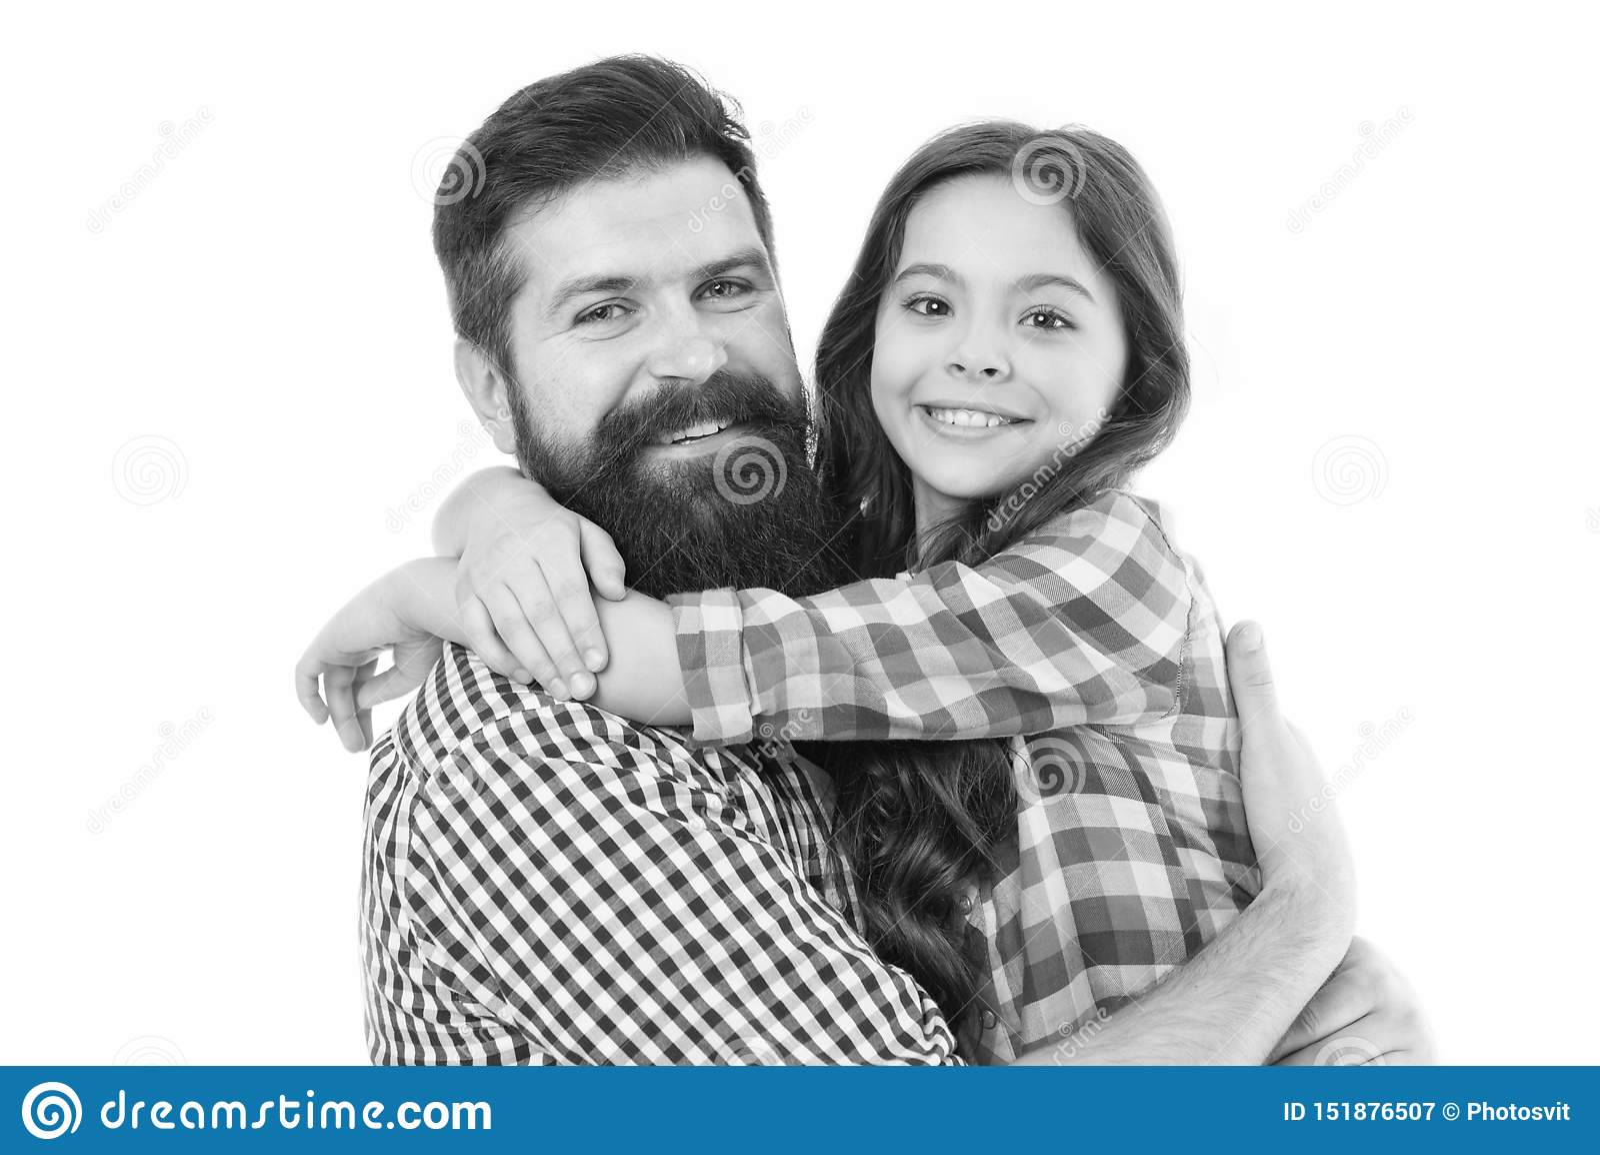 Καλύτερος μπαμπάς πάντα Άσπρο υπόβαθρο αγκαλιάσματος πατέρων και κορών Καλύτεροι φίλοι παιδιών και μπαμπάδων r Πατρότητα και